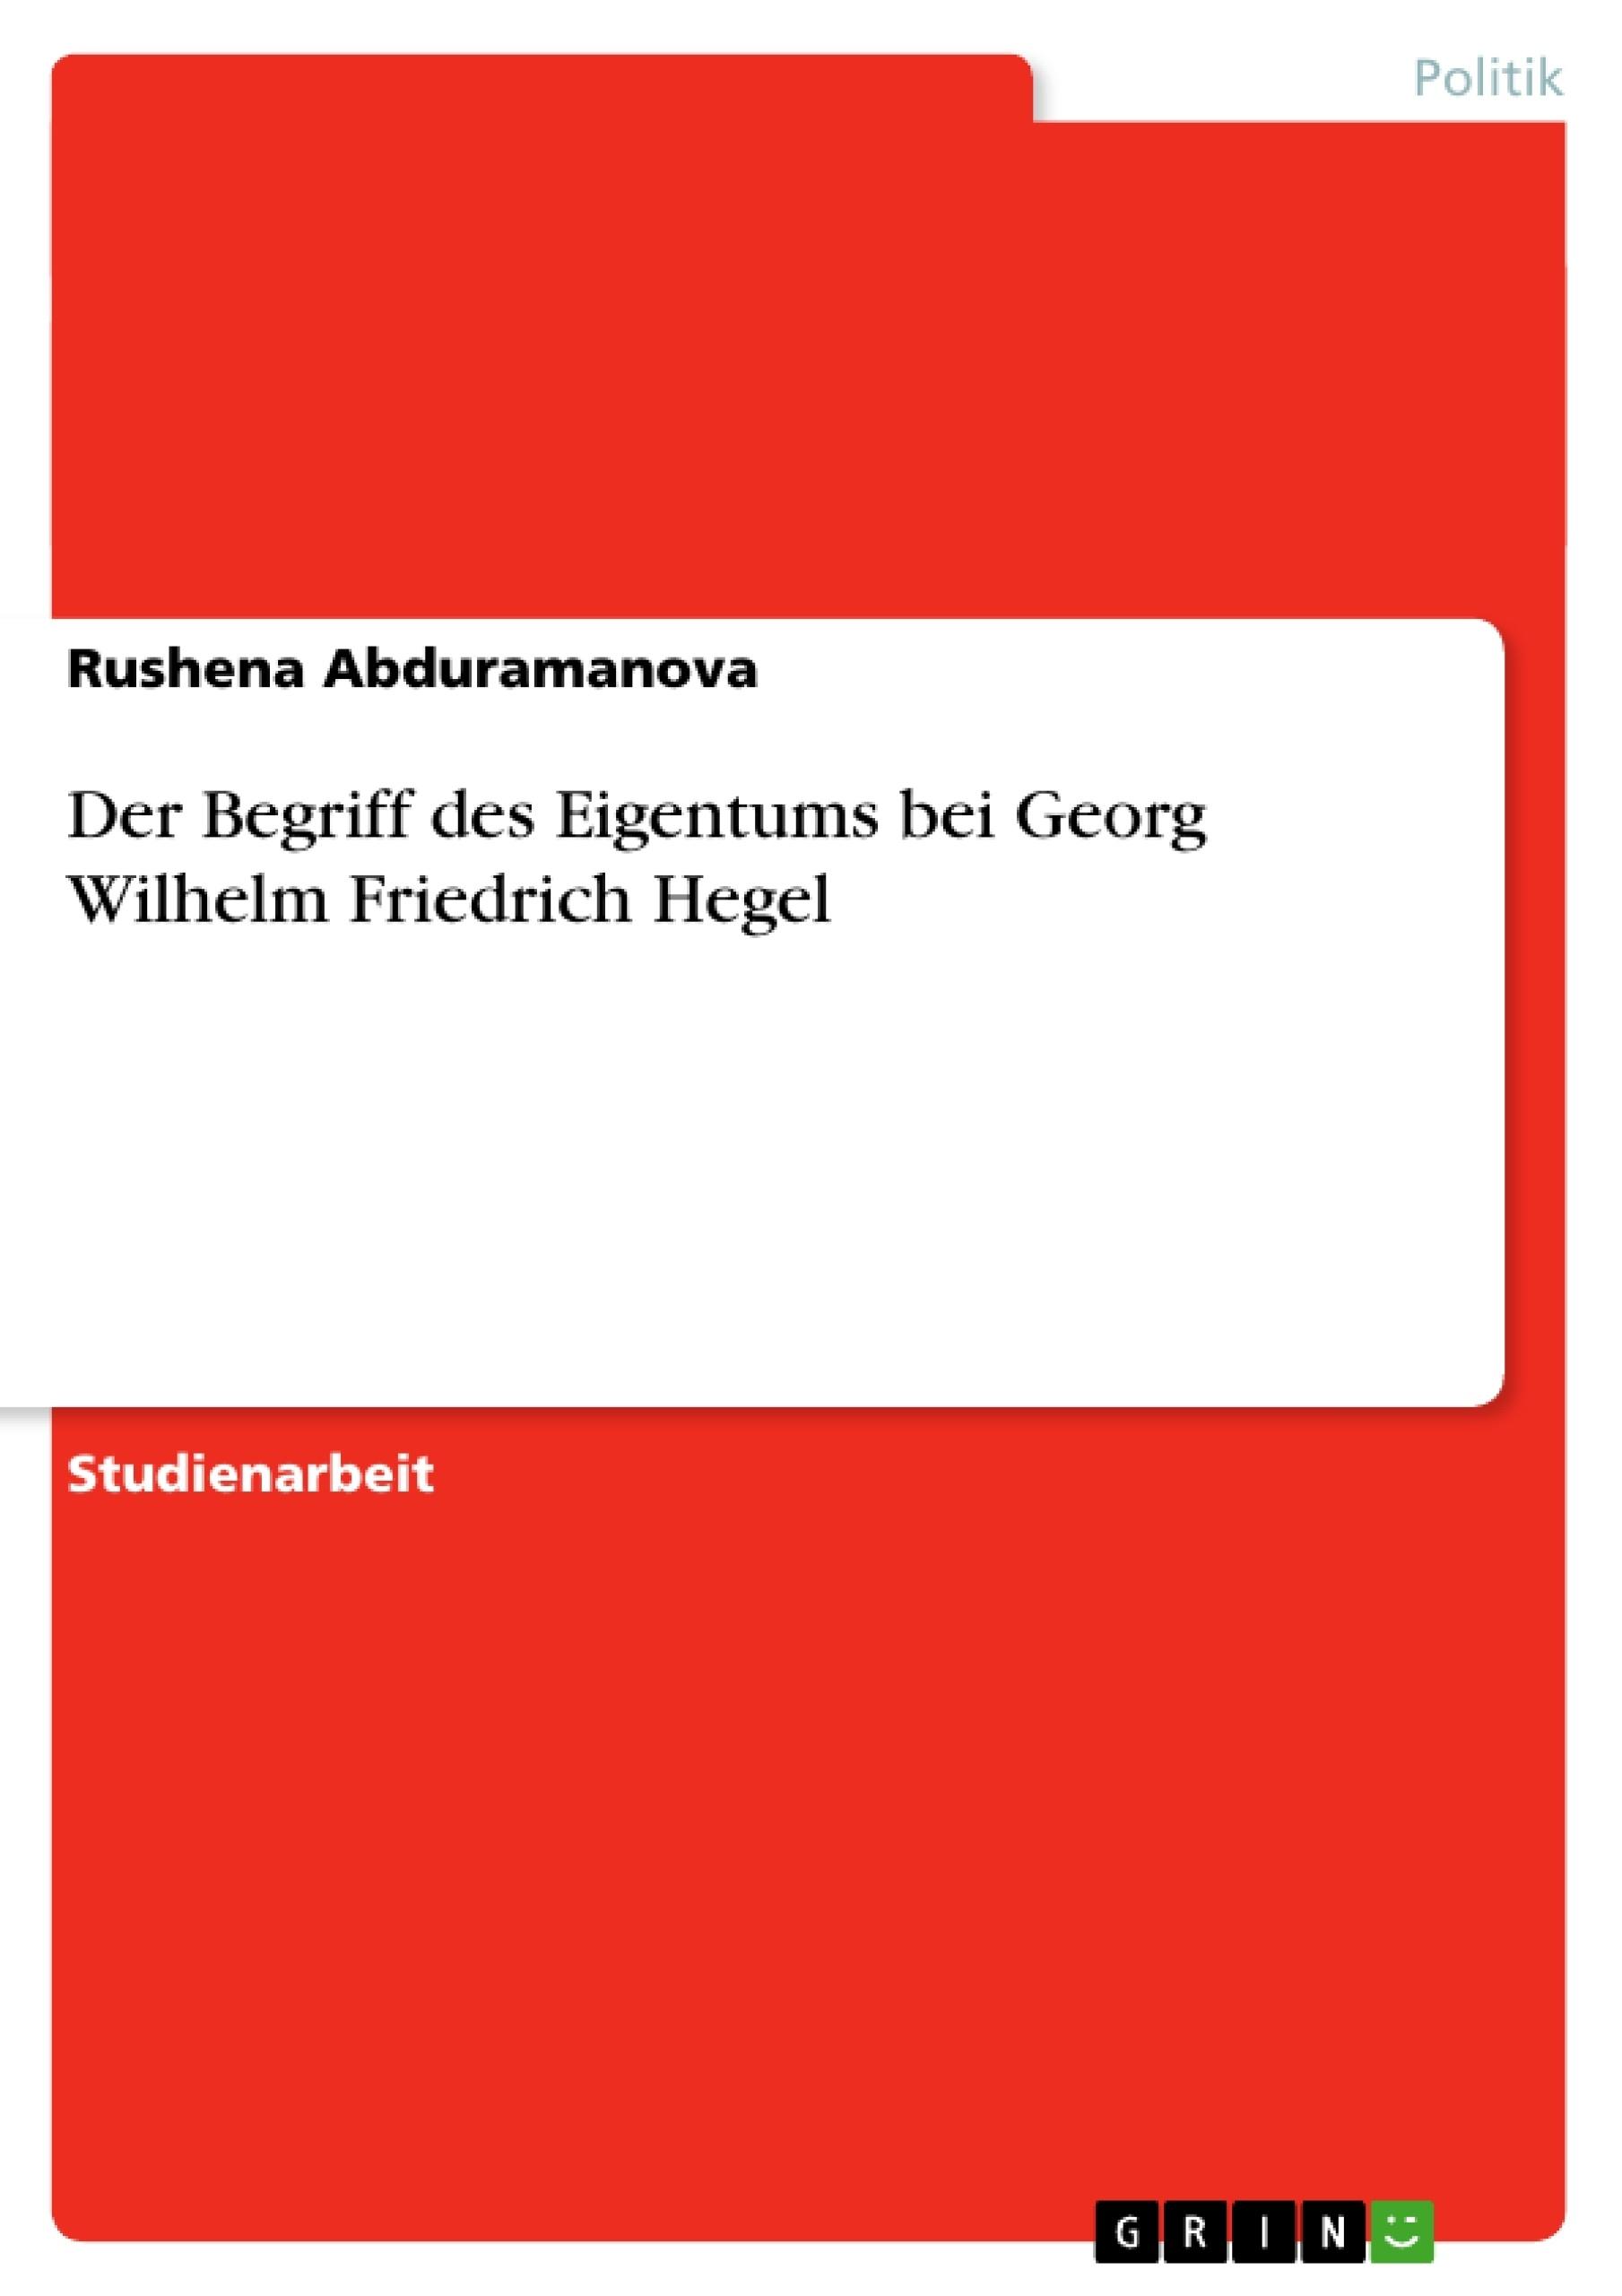 Titel: Der Begriff des Eigentums bei Georg Wilhelm Friedrich Hegel